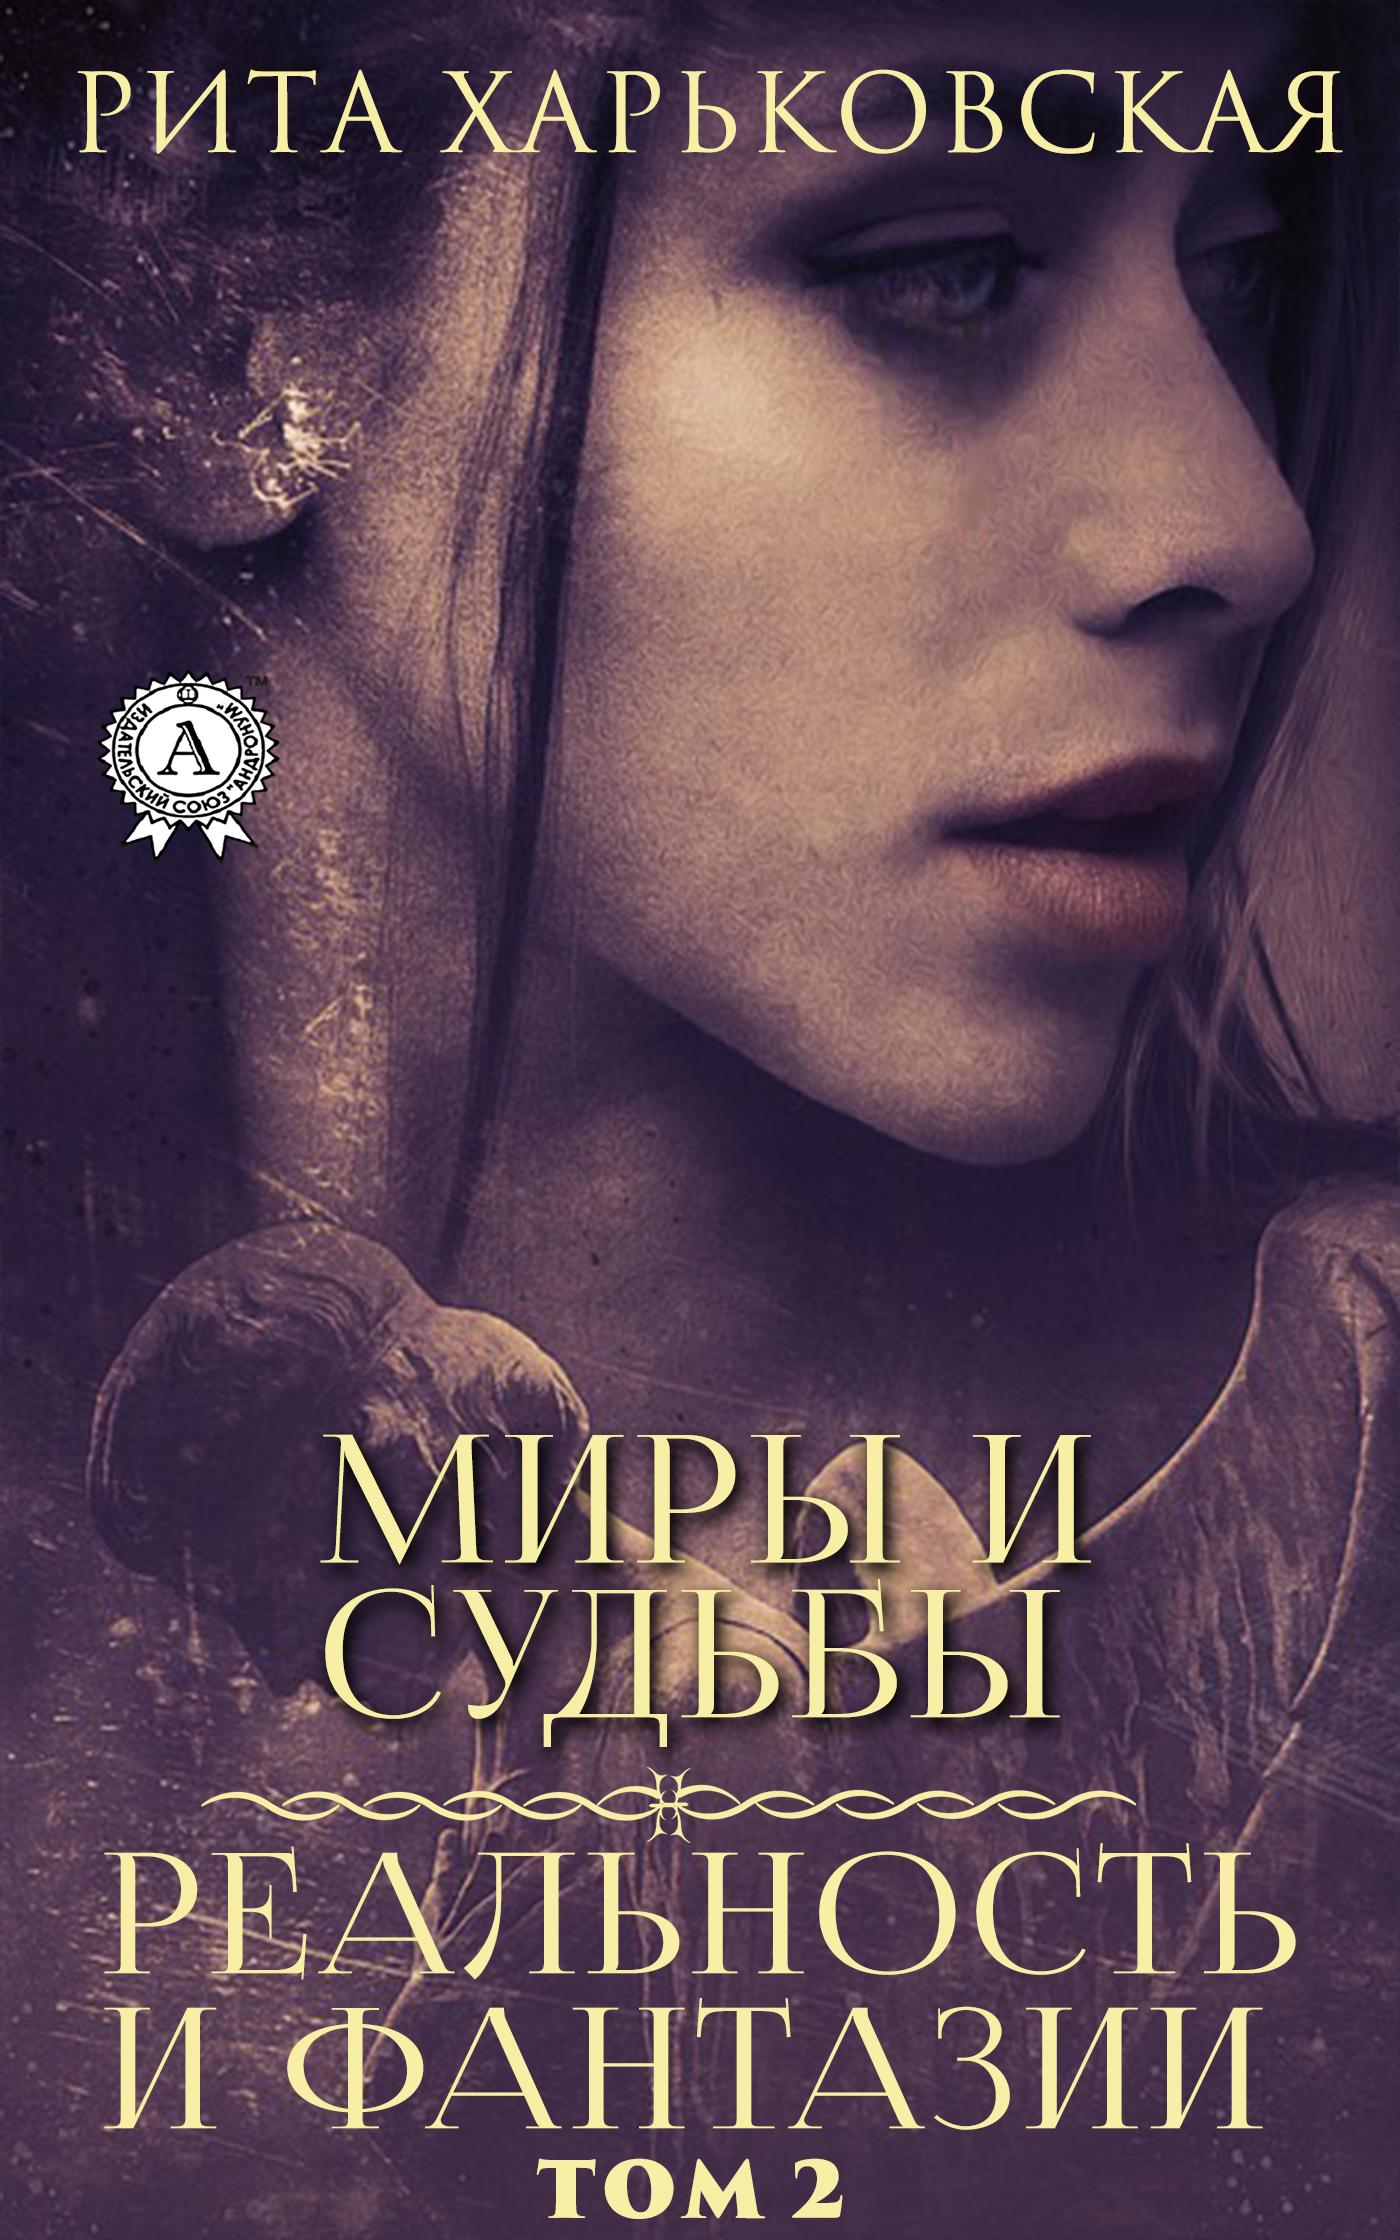 Рита Харьковская / Миры и судьбы. Том 2